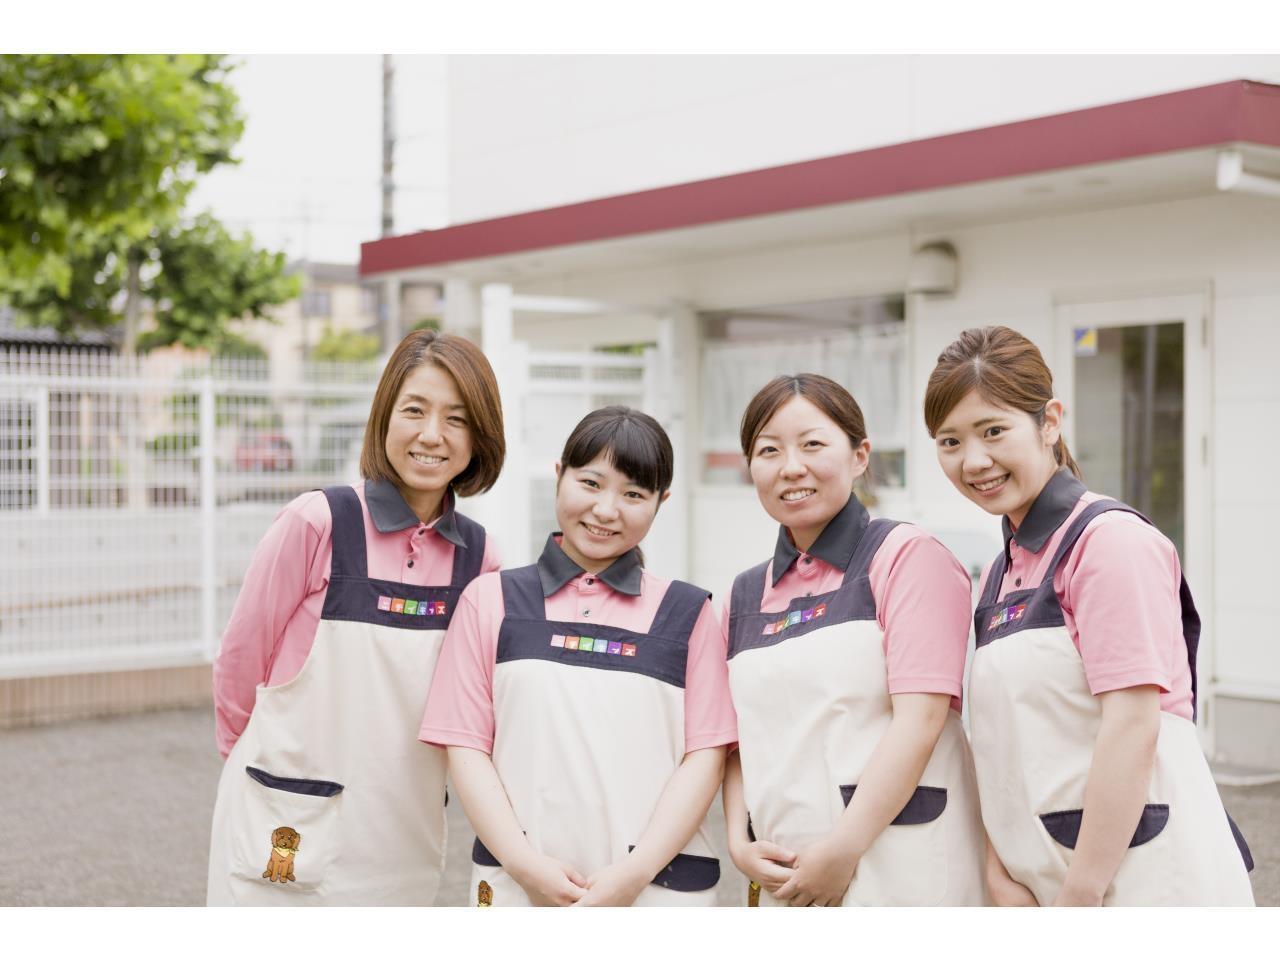 岡山市北区に新設される保育園の正社員保育士